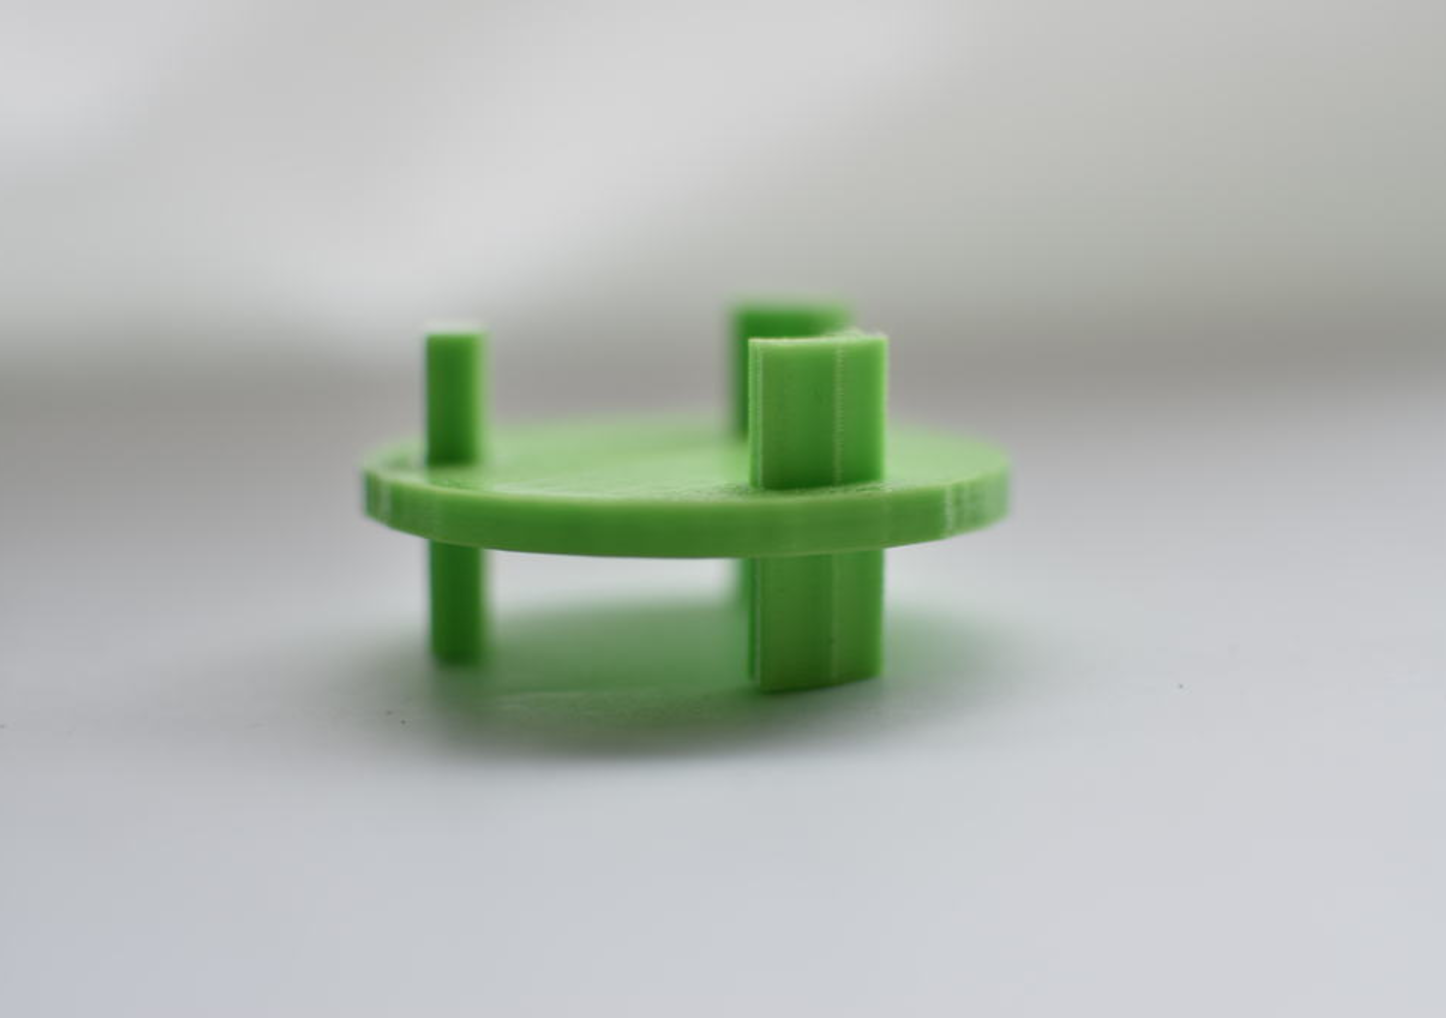 Capture d'écran 2017-05-04 à 11.16.51.png Download free STL file spool holder for several spool filament • 3D printer model, JOHLINK